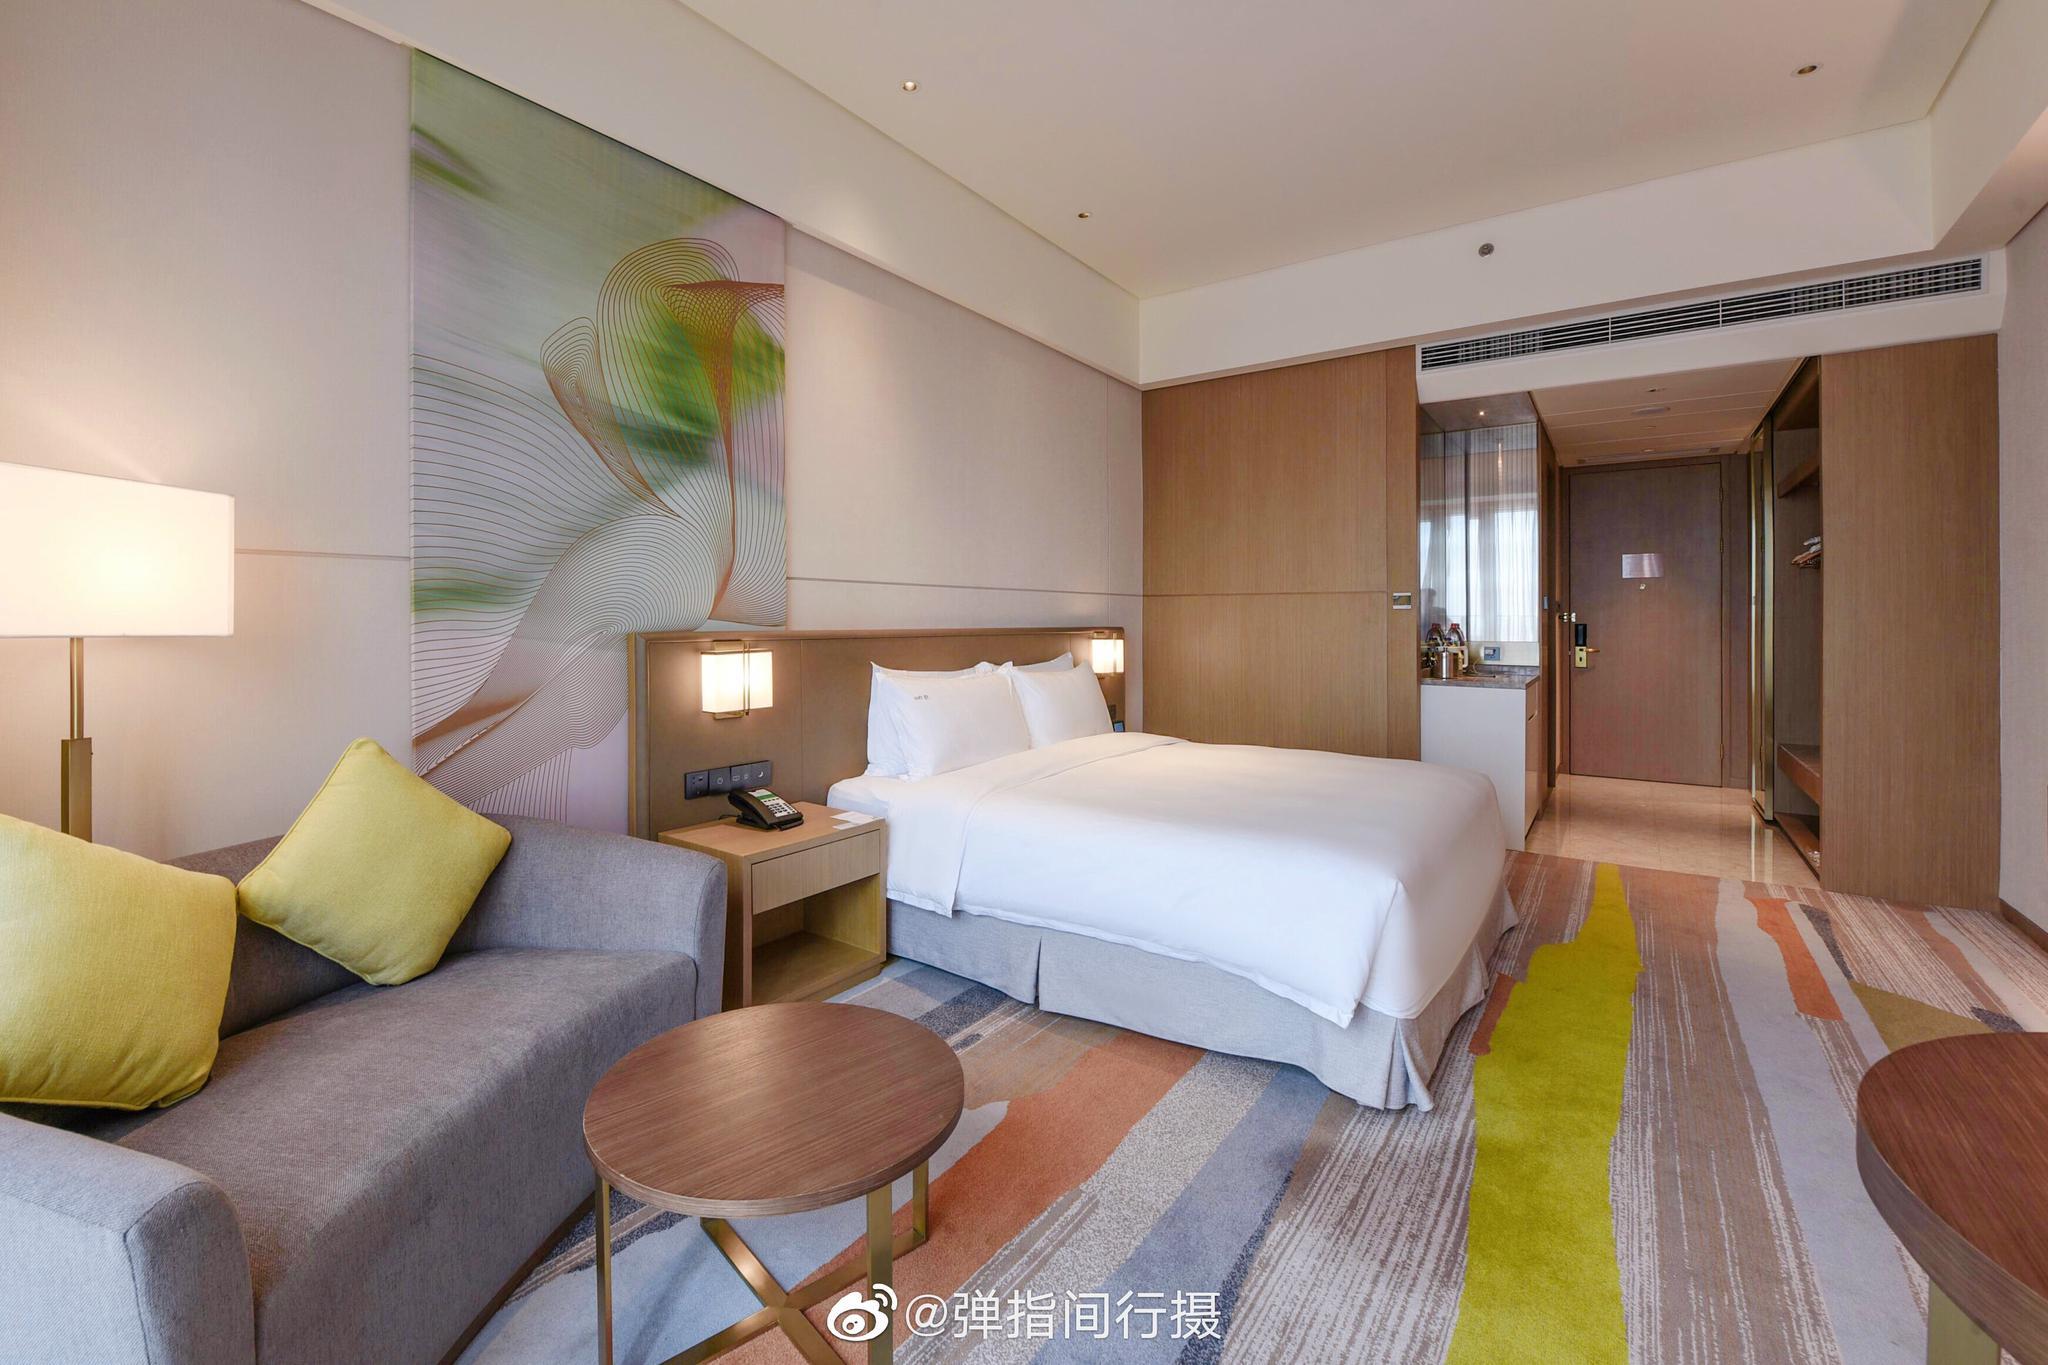 洲际酒店集团旗下的顺德保利假日酒店位于佛山顺德伦教城区